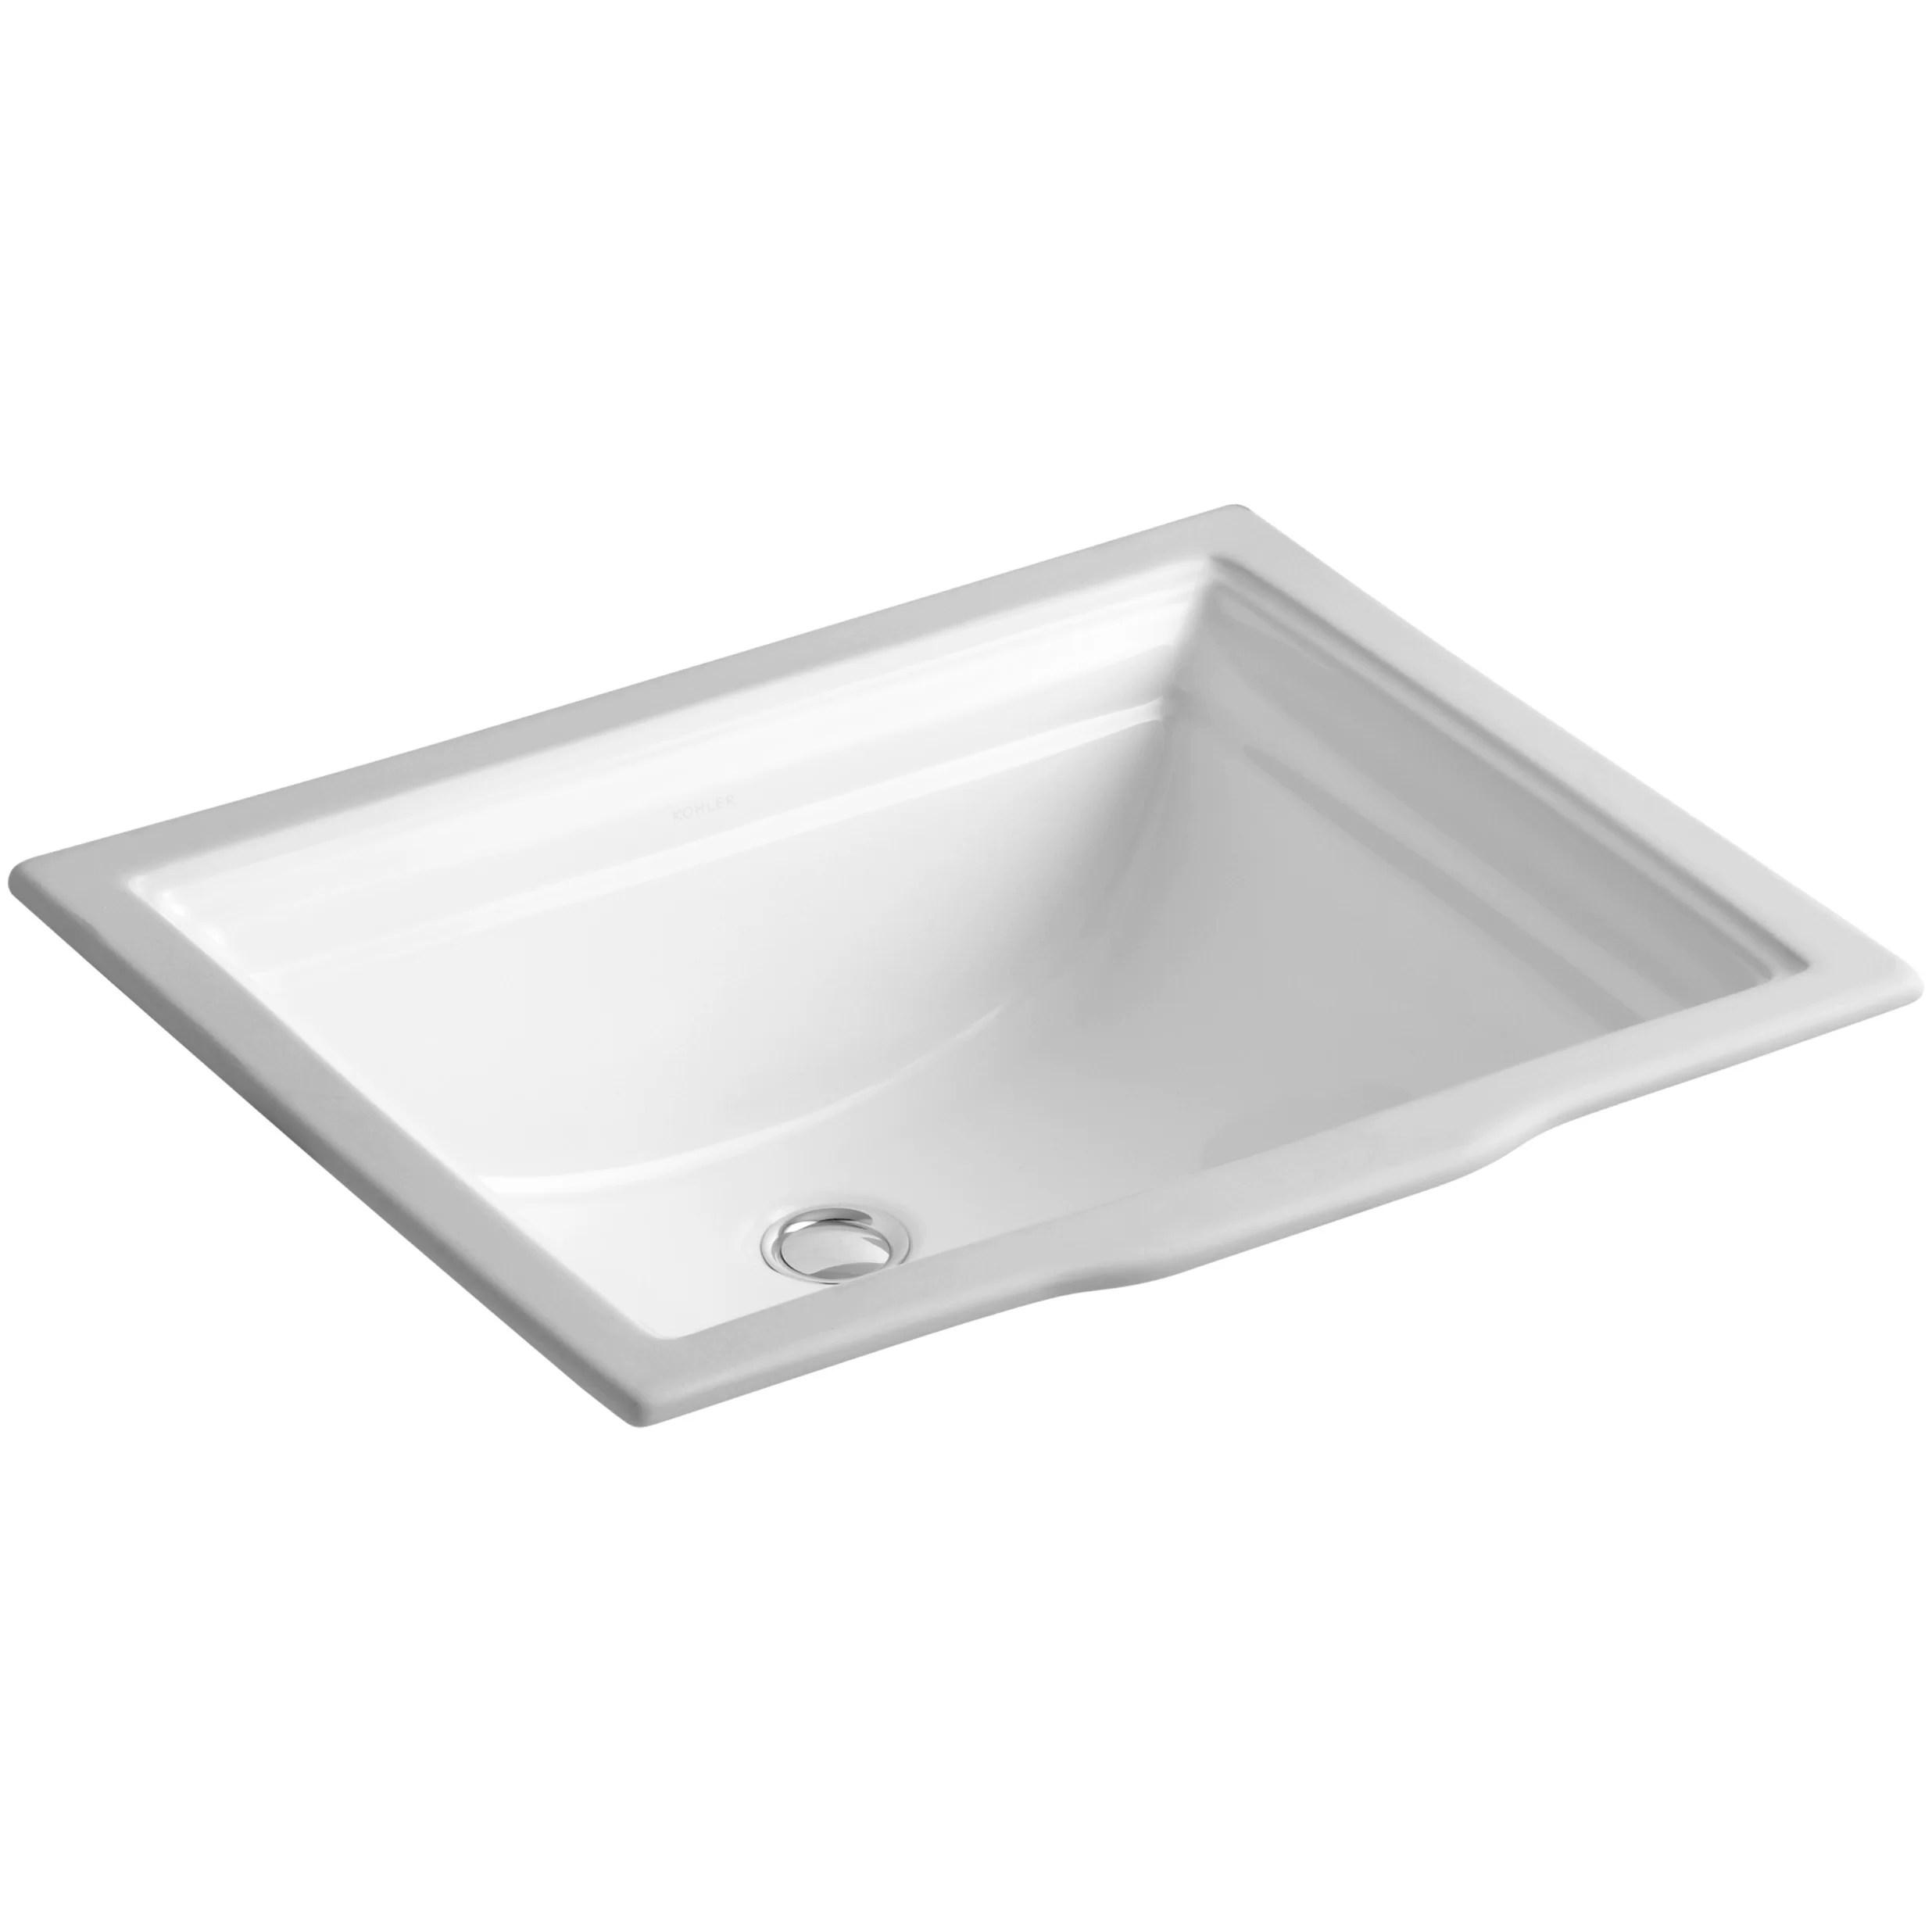 Kohler Memoirs Undermount Bathroom Sink & Reviews